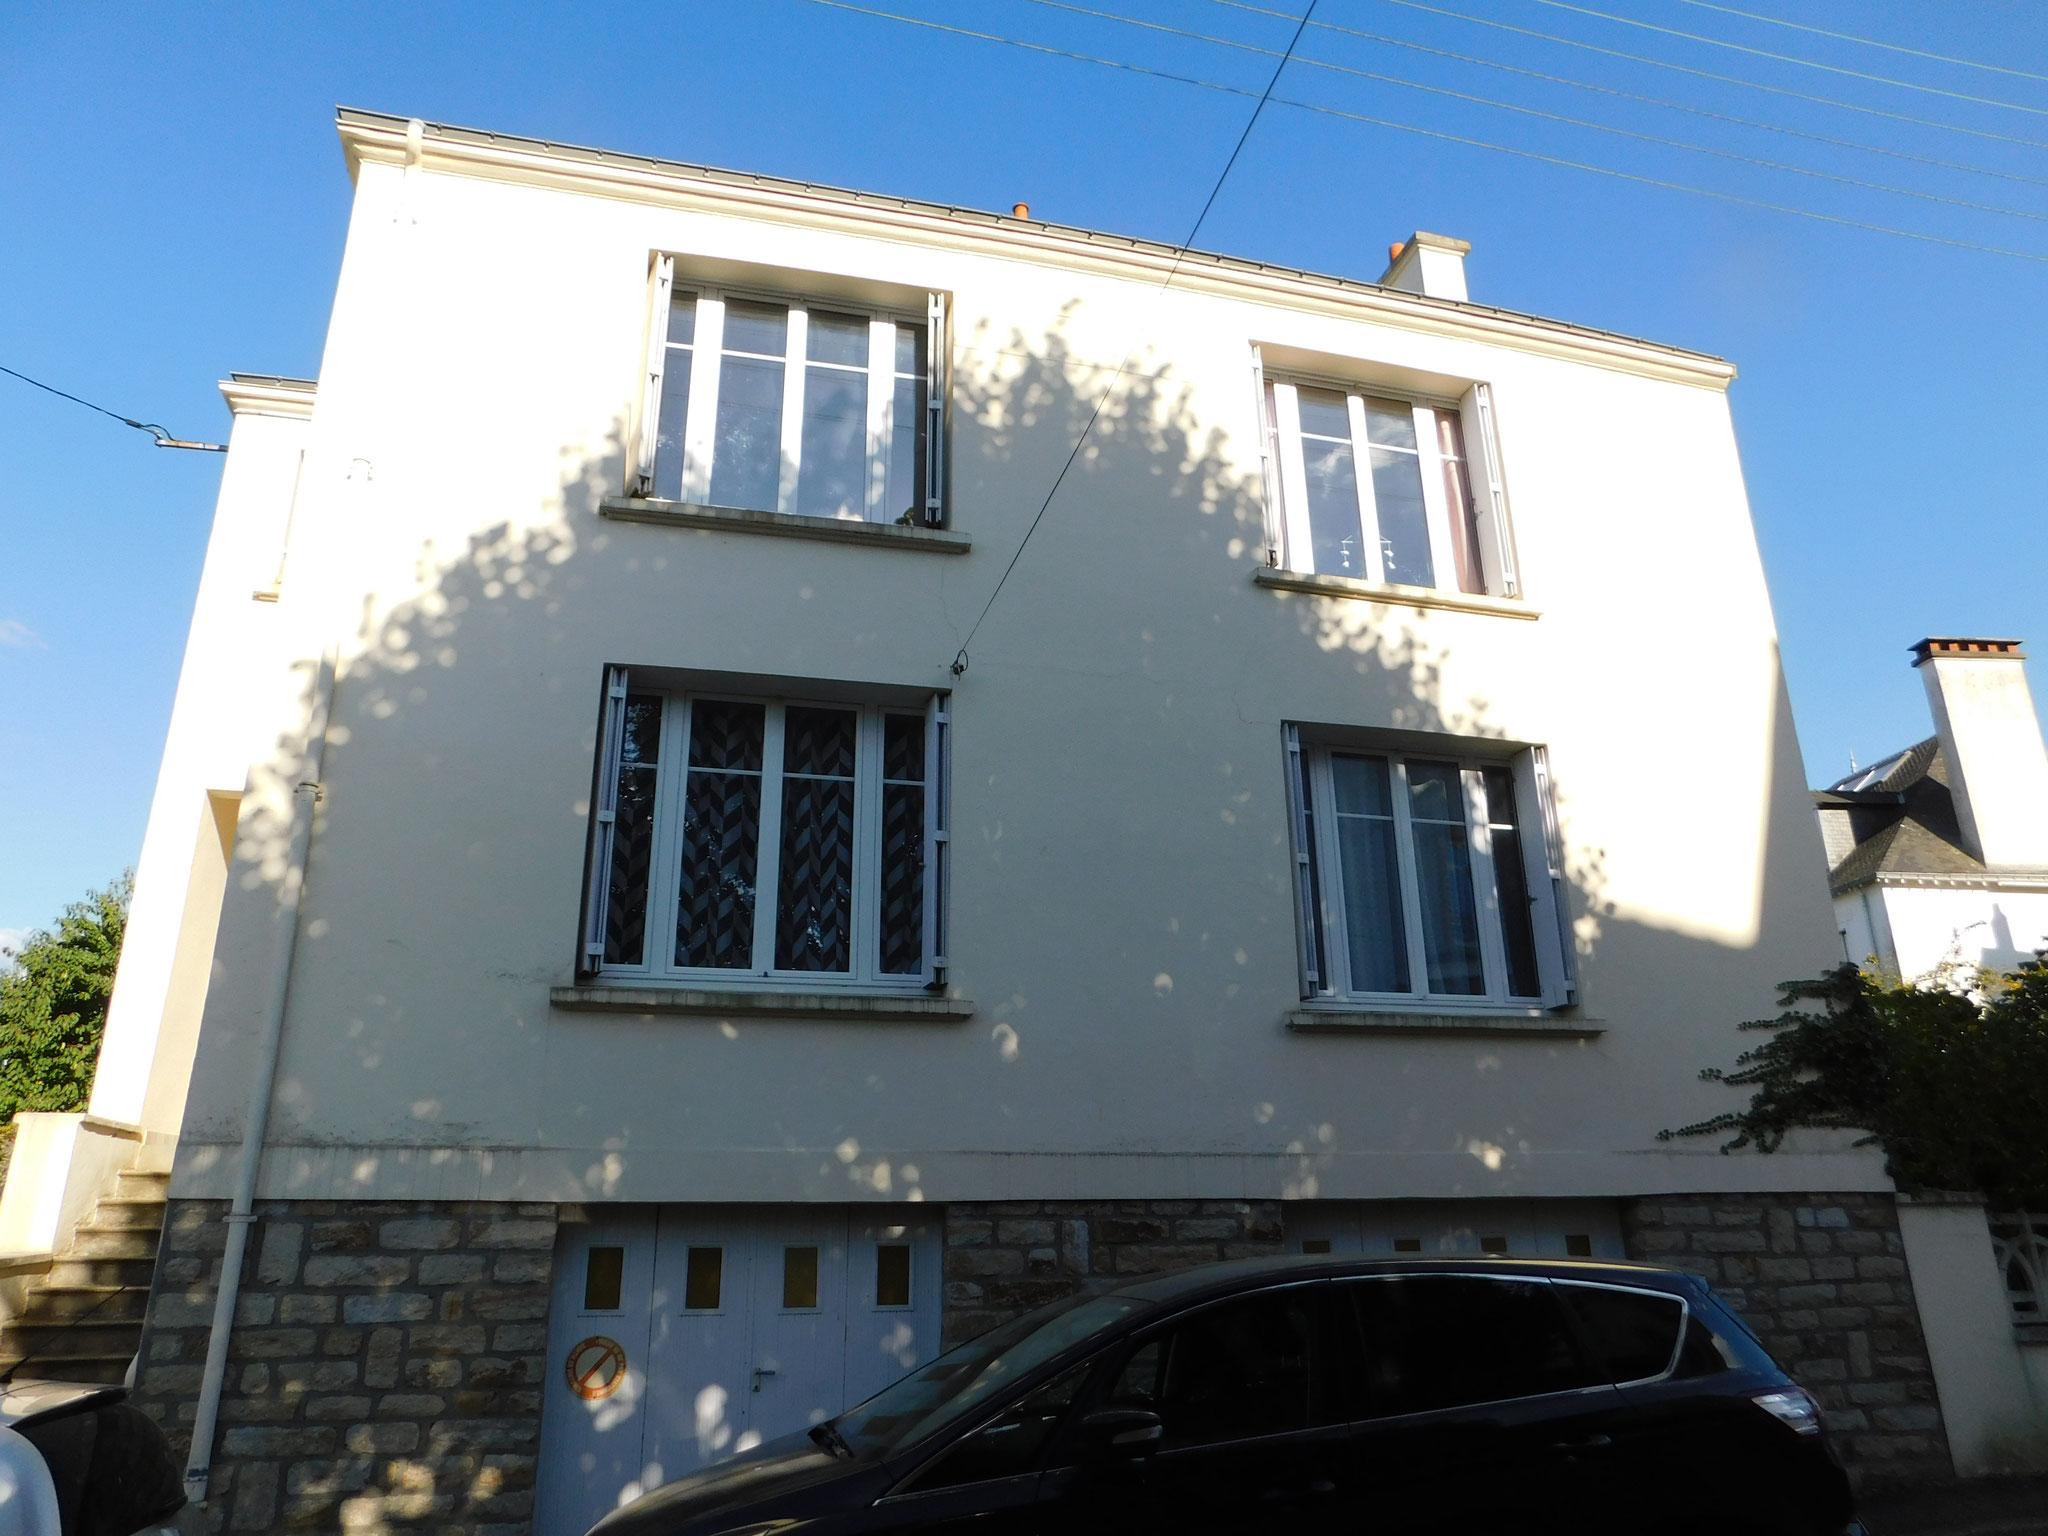 Maison de ville (Vannes) : expertise fissurations